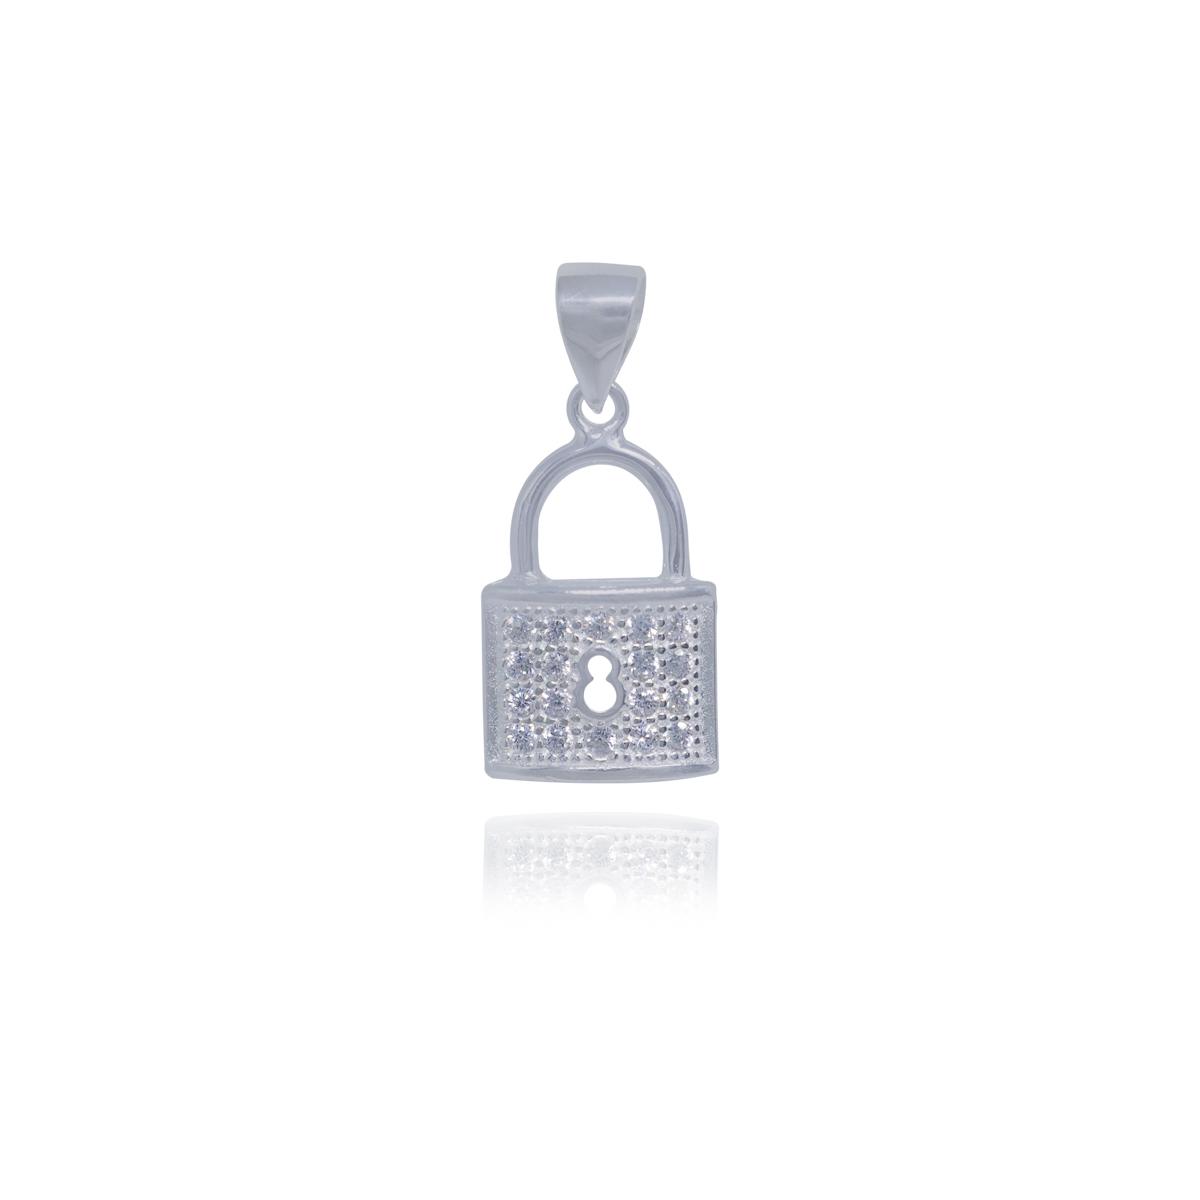 Pingente joia prata 925 pura Cadeado zircônia hipoalergênica